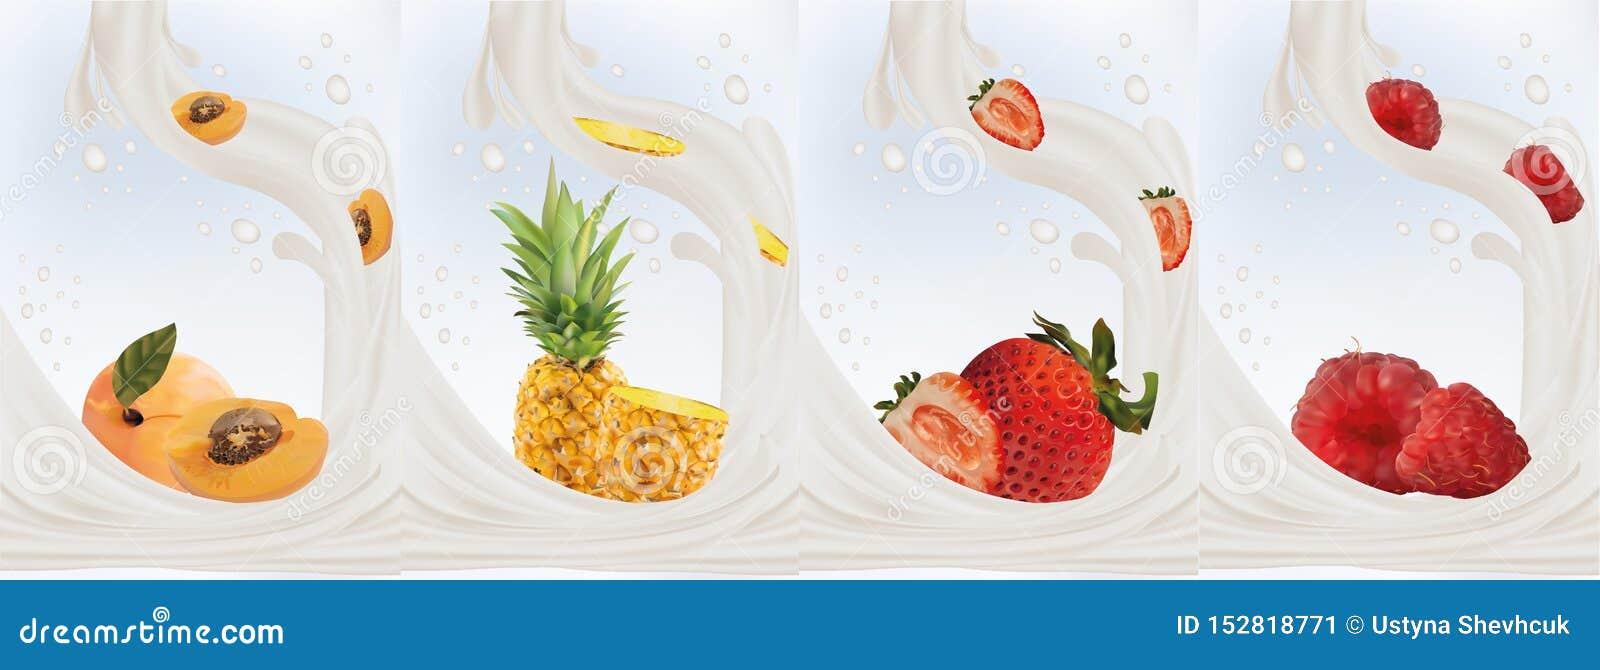 Realistiska frukter jordgubben, aprikons, ananas, hallon med mjölkar upp färgstänk tätt vektor f?r illustration 3d Ställ in mjölk